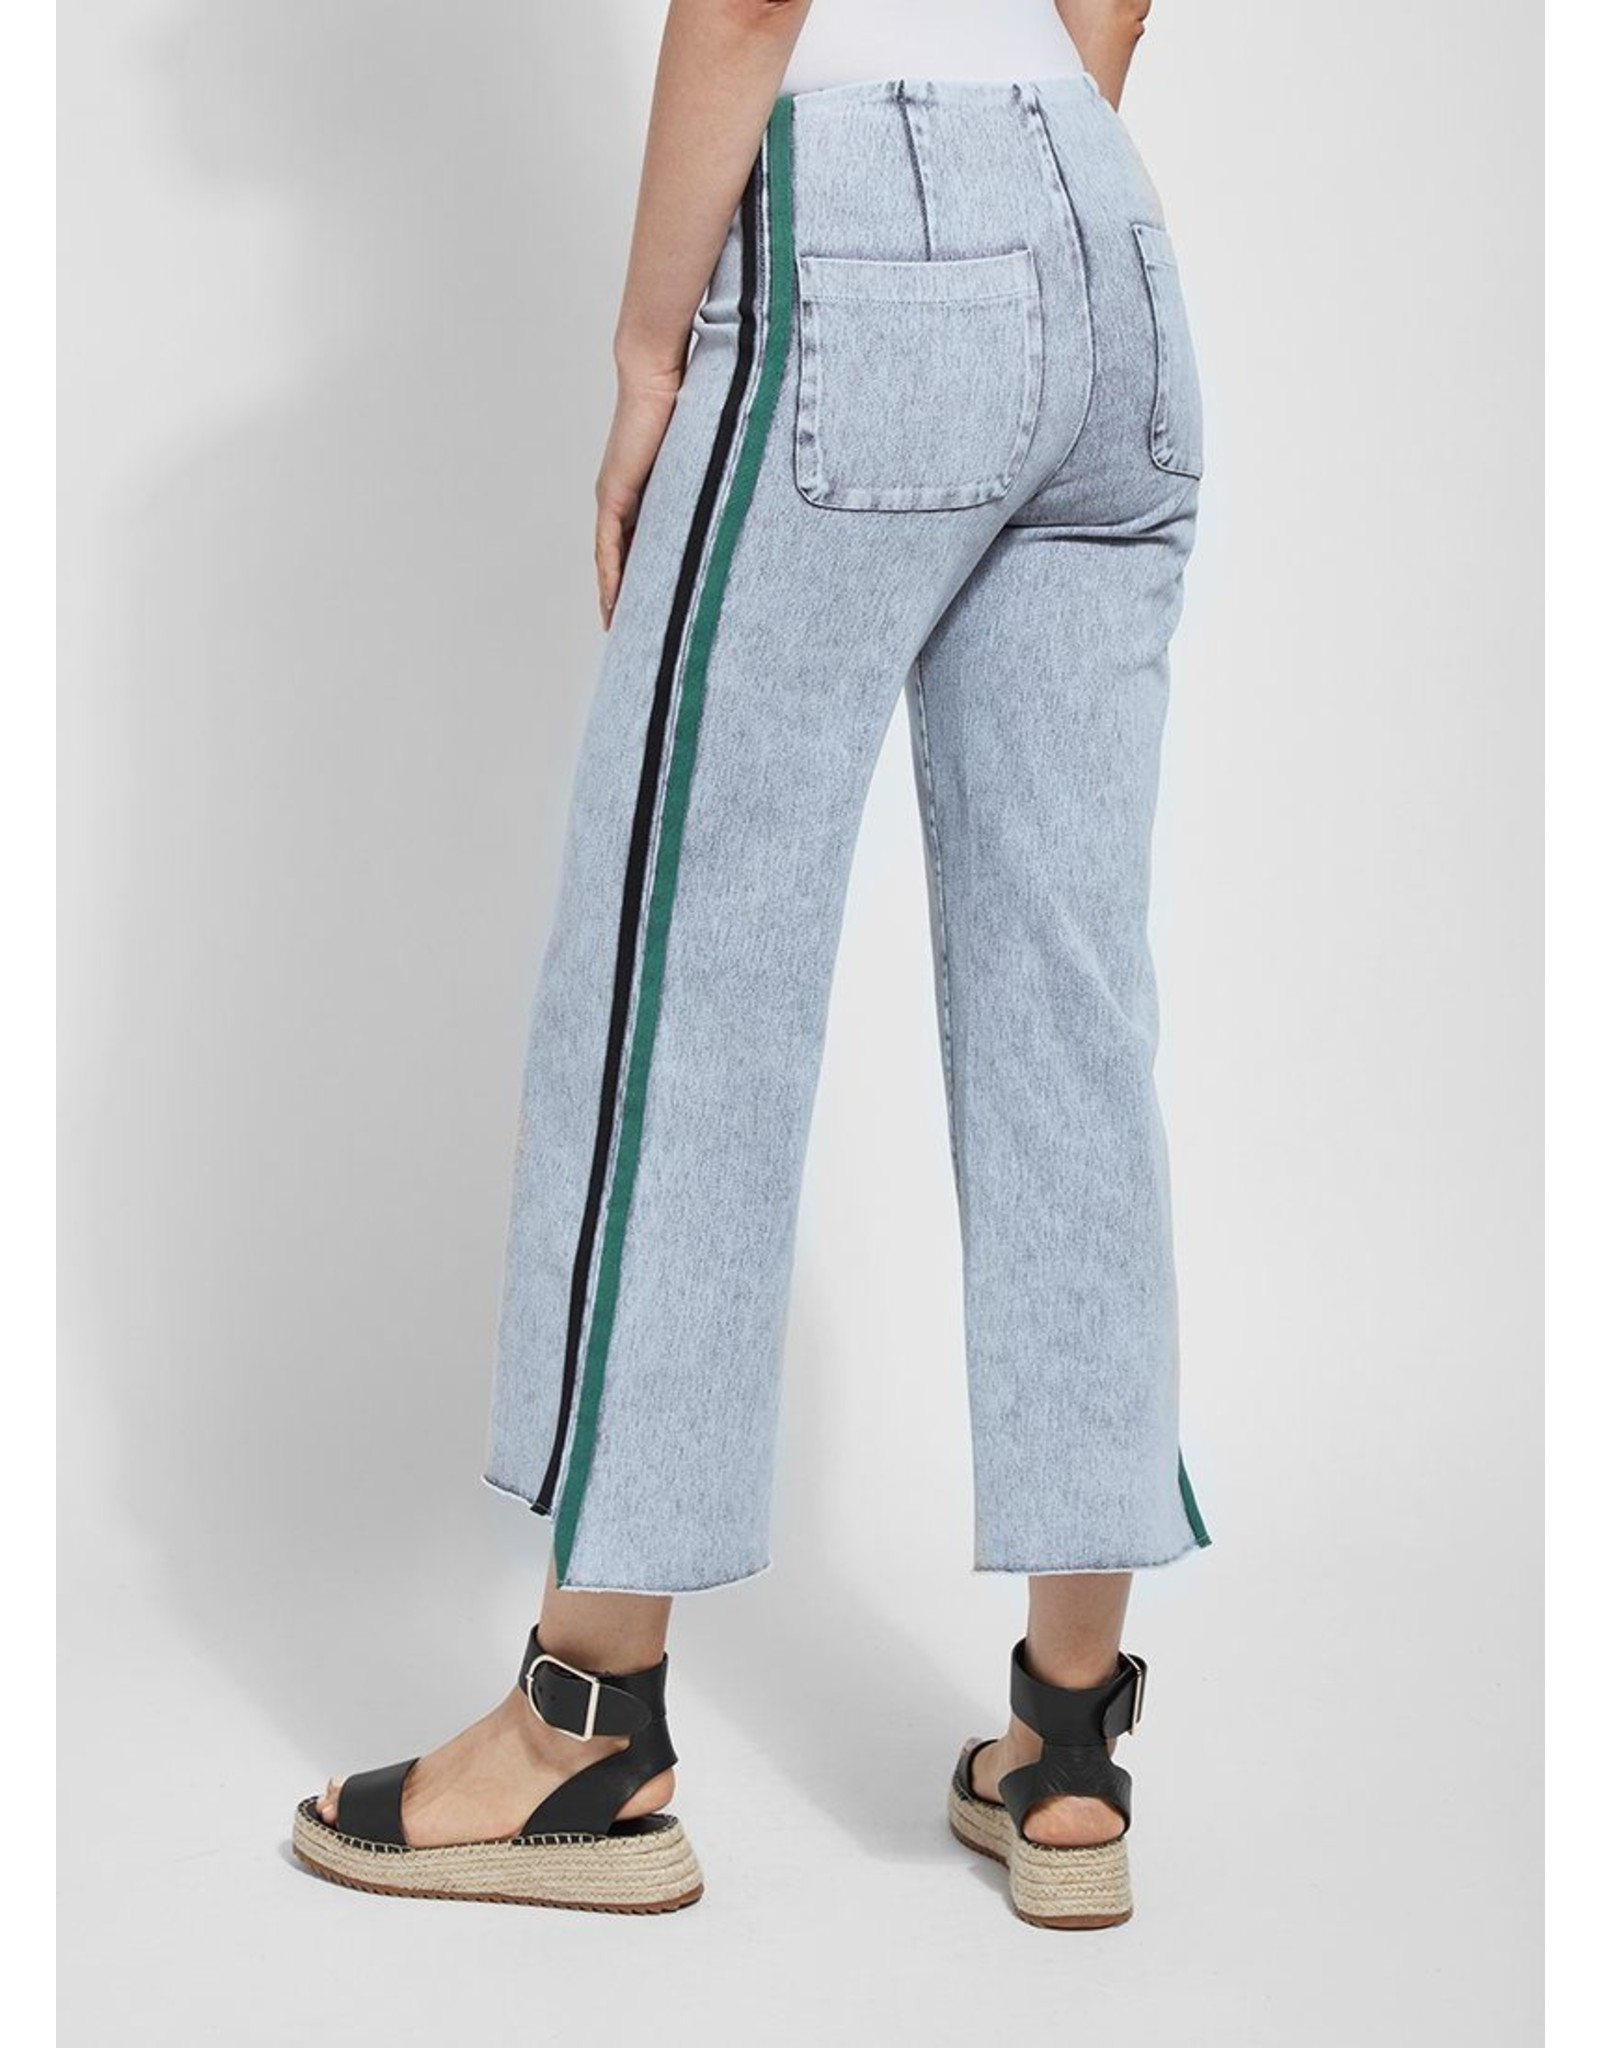 Lyssé Emilia Wide Leg Crop